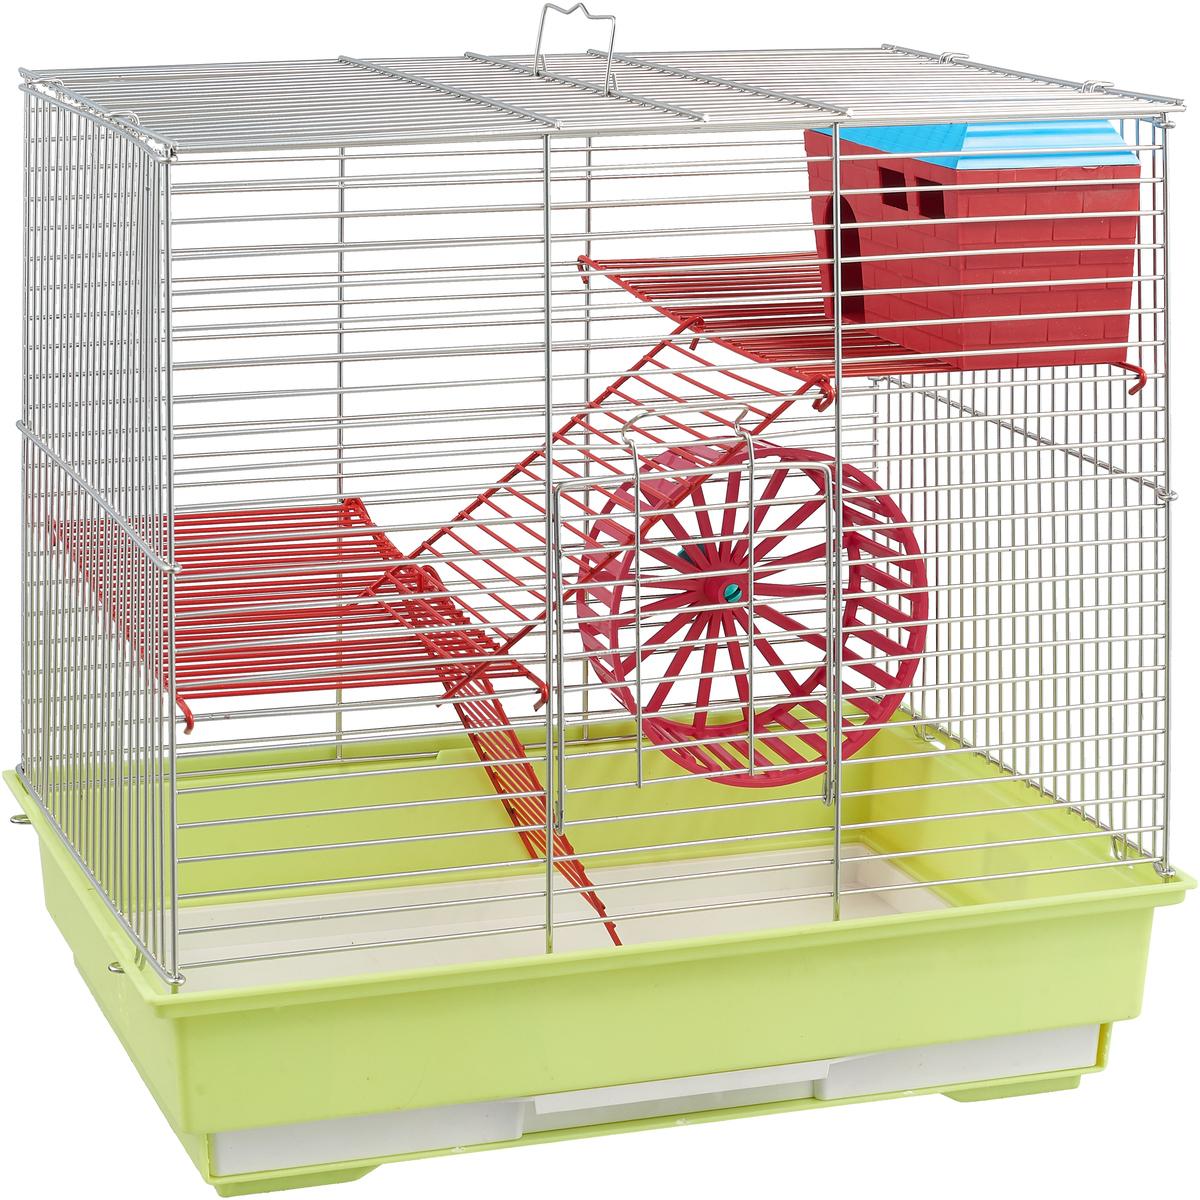 Клетка для грызунов Велес Lusy 3, 3-этажная, разборная, цвет: салатовый, 42 х 42 х 30 см бар декоративный глобус цвет коричневый 42 х 42 х 85 см